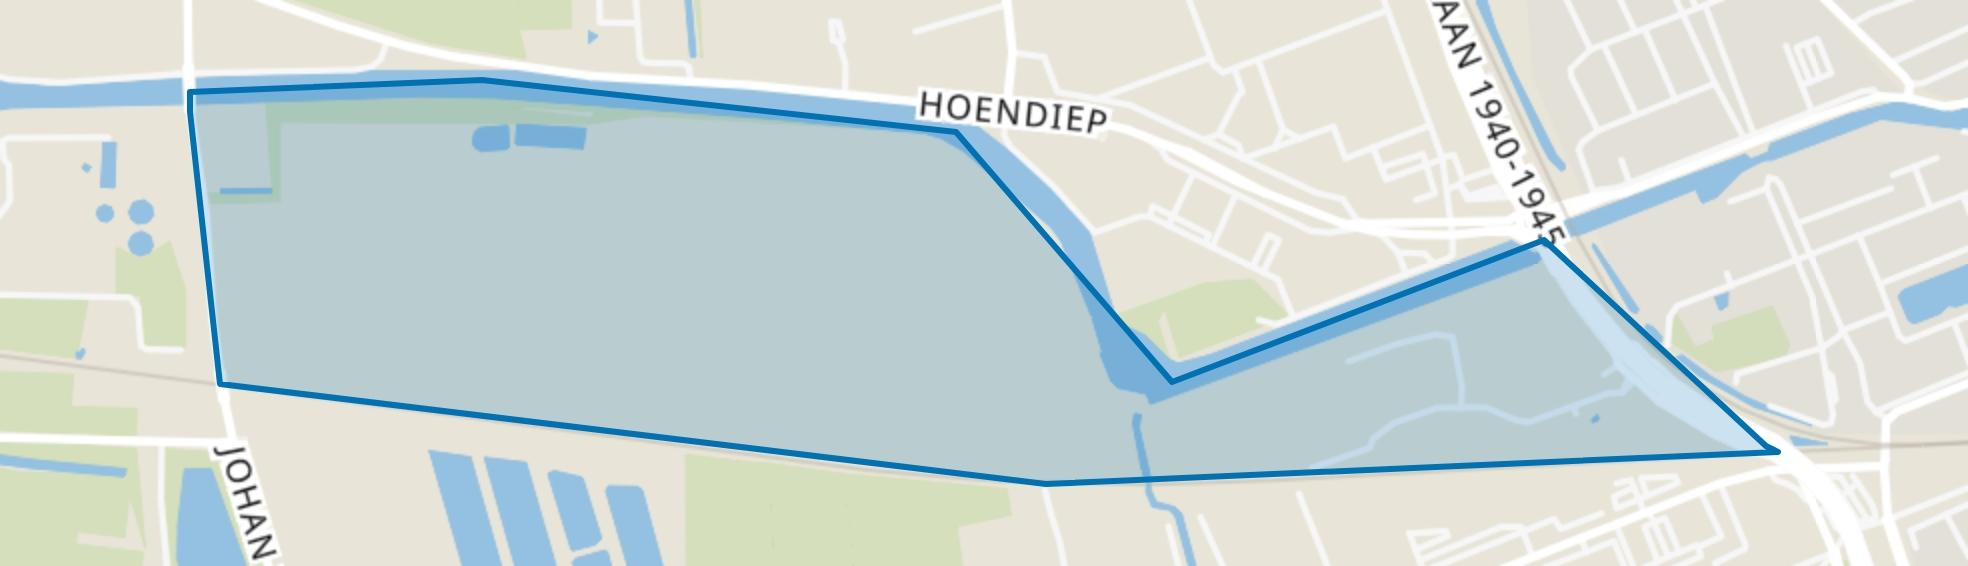 Suikerfabriekterrein, Groningen map